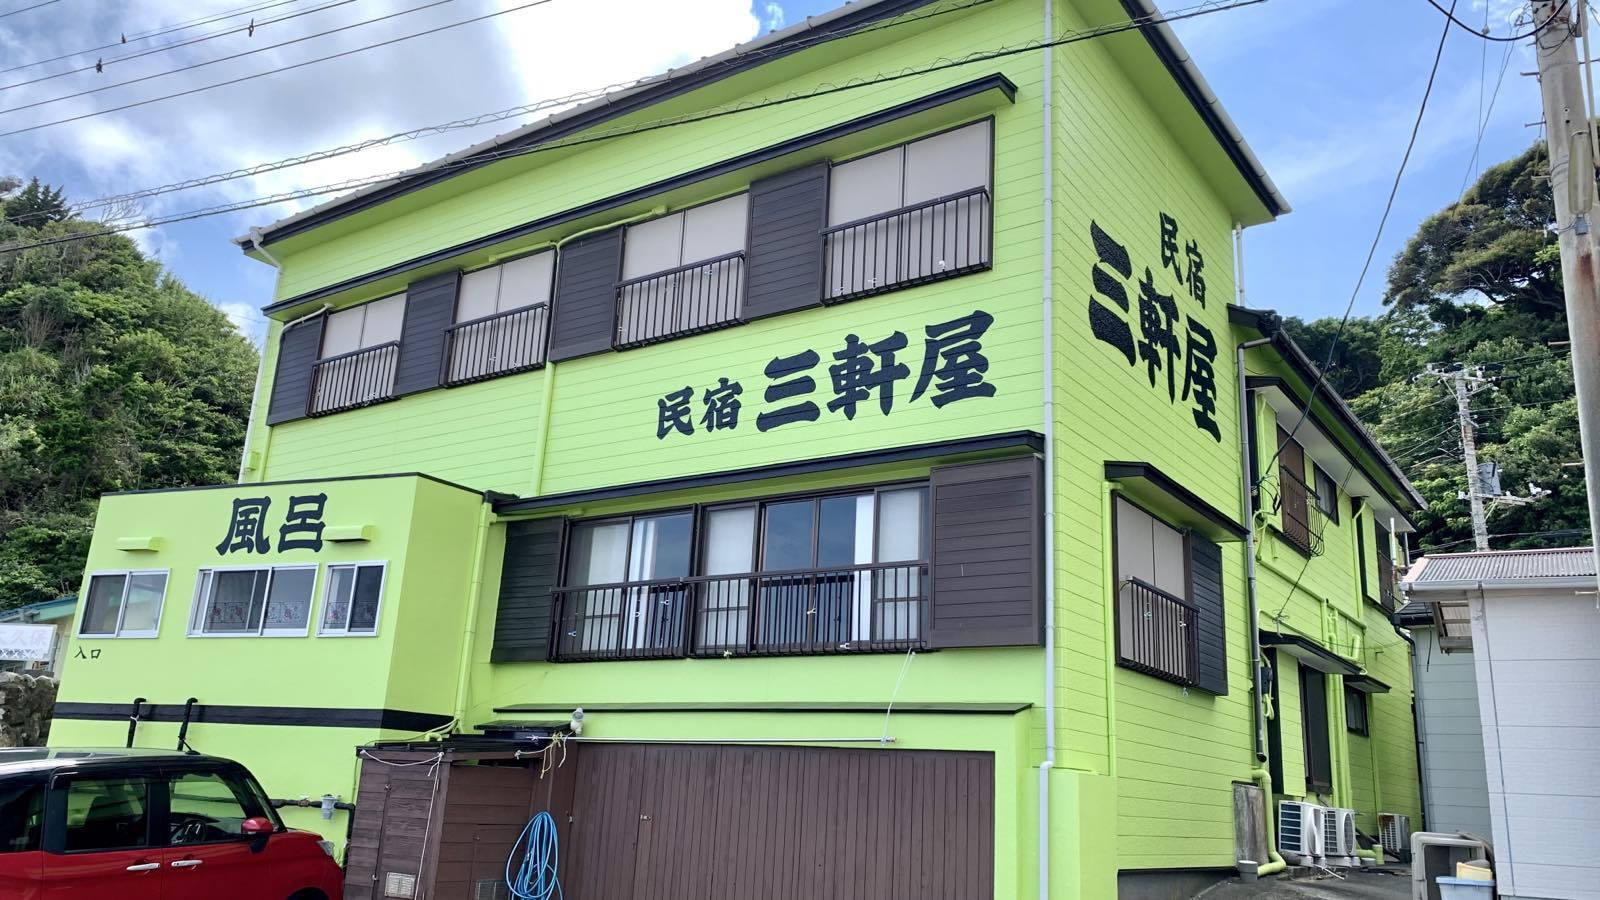 伊豆下田 民宿 三軒屋